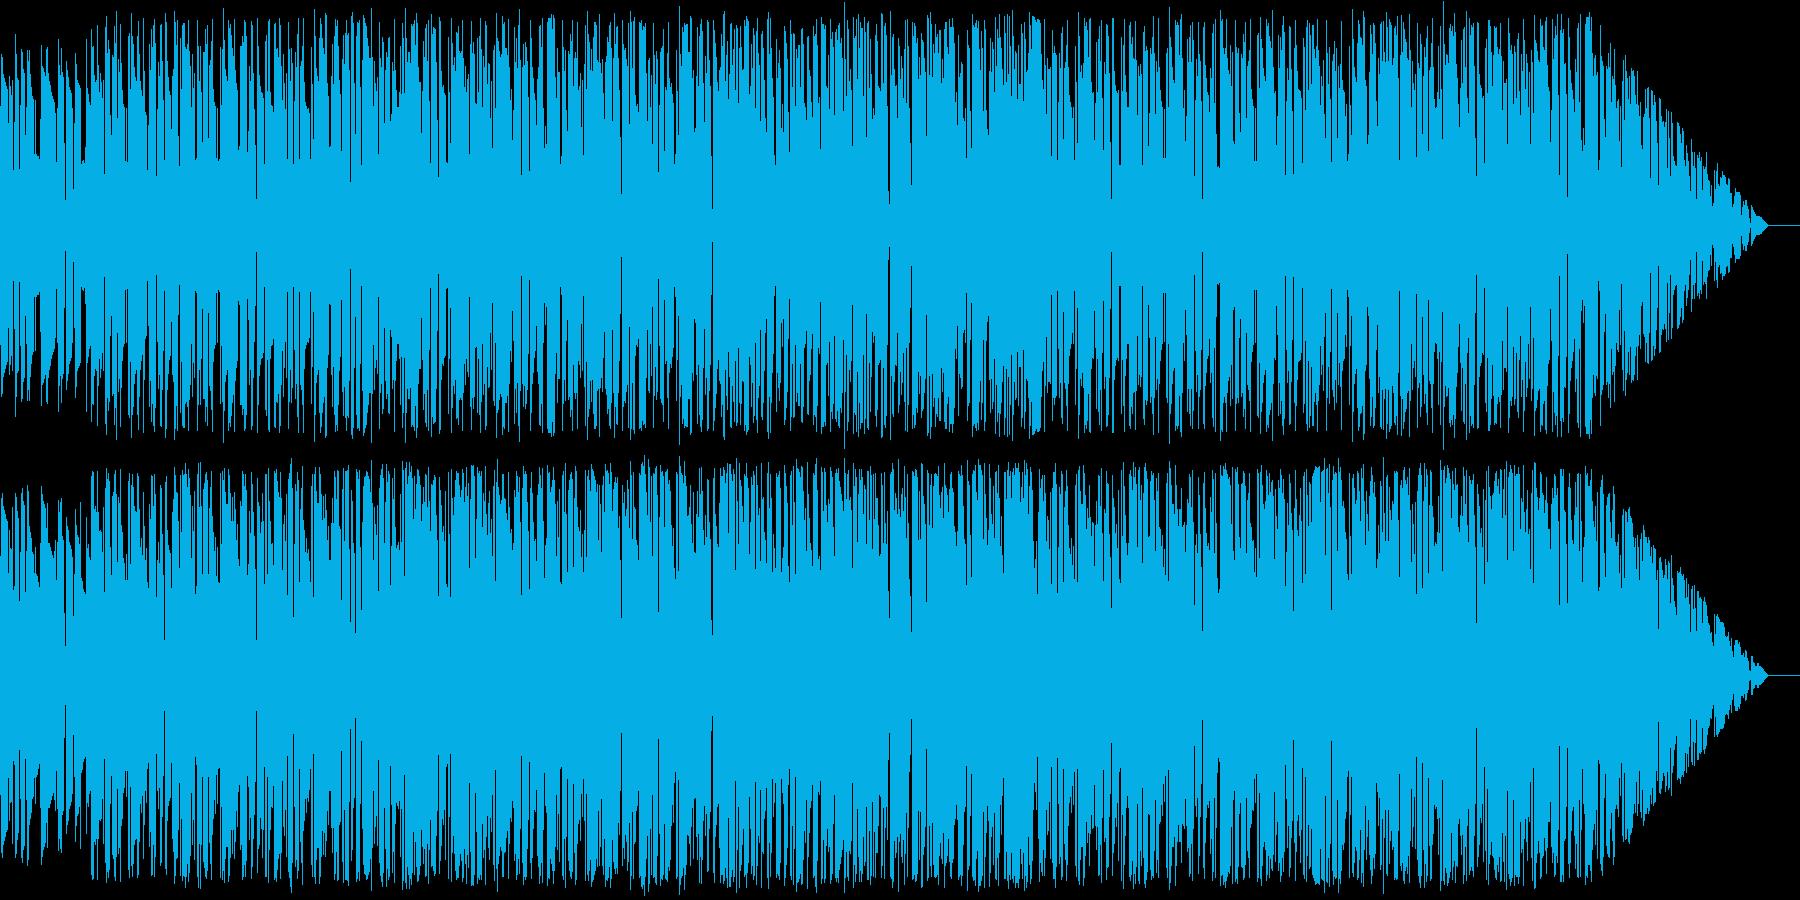 ピアノとギターを使ったドラムンベース風の再生済みの波形